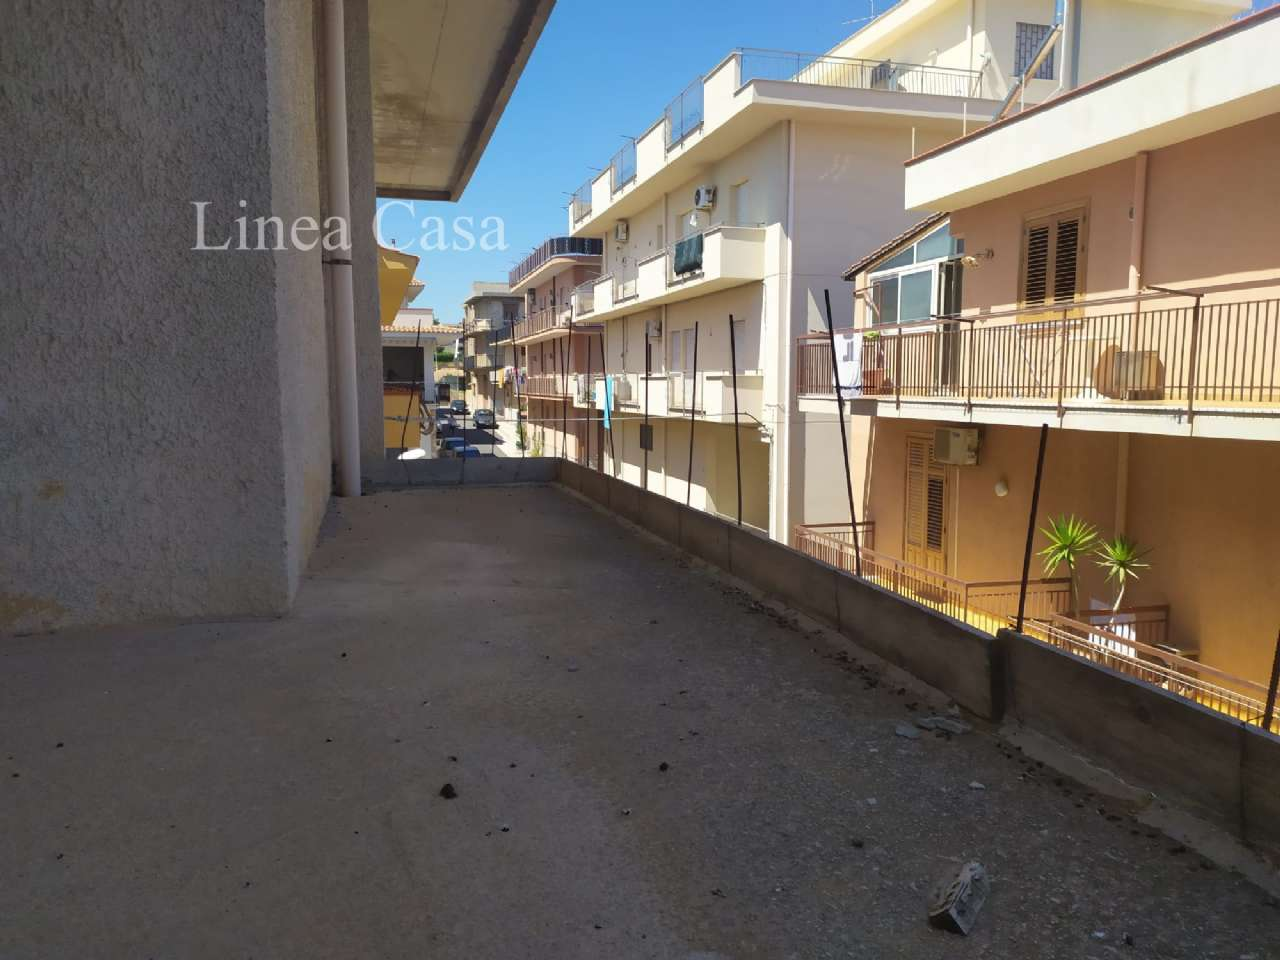 Appartamento in vendita a Casteldaccia, 3 locali, prezzo € 60.000   PortaleAgenzieImmobiliari.it